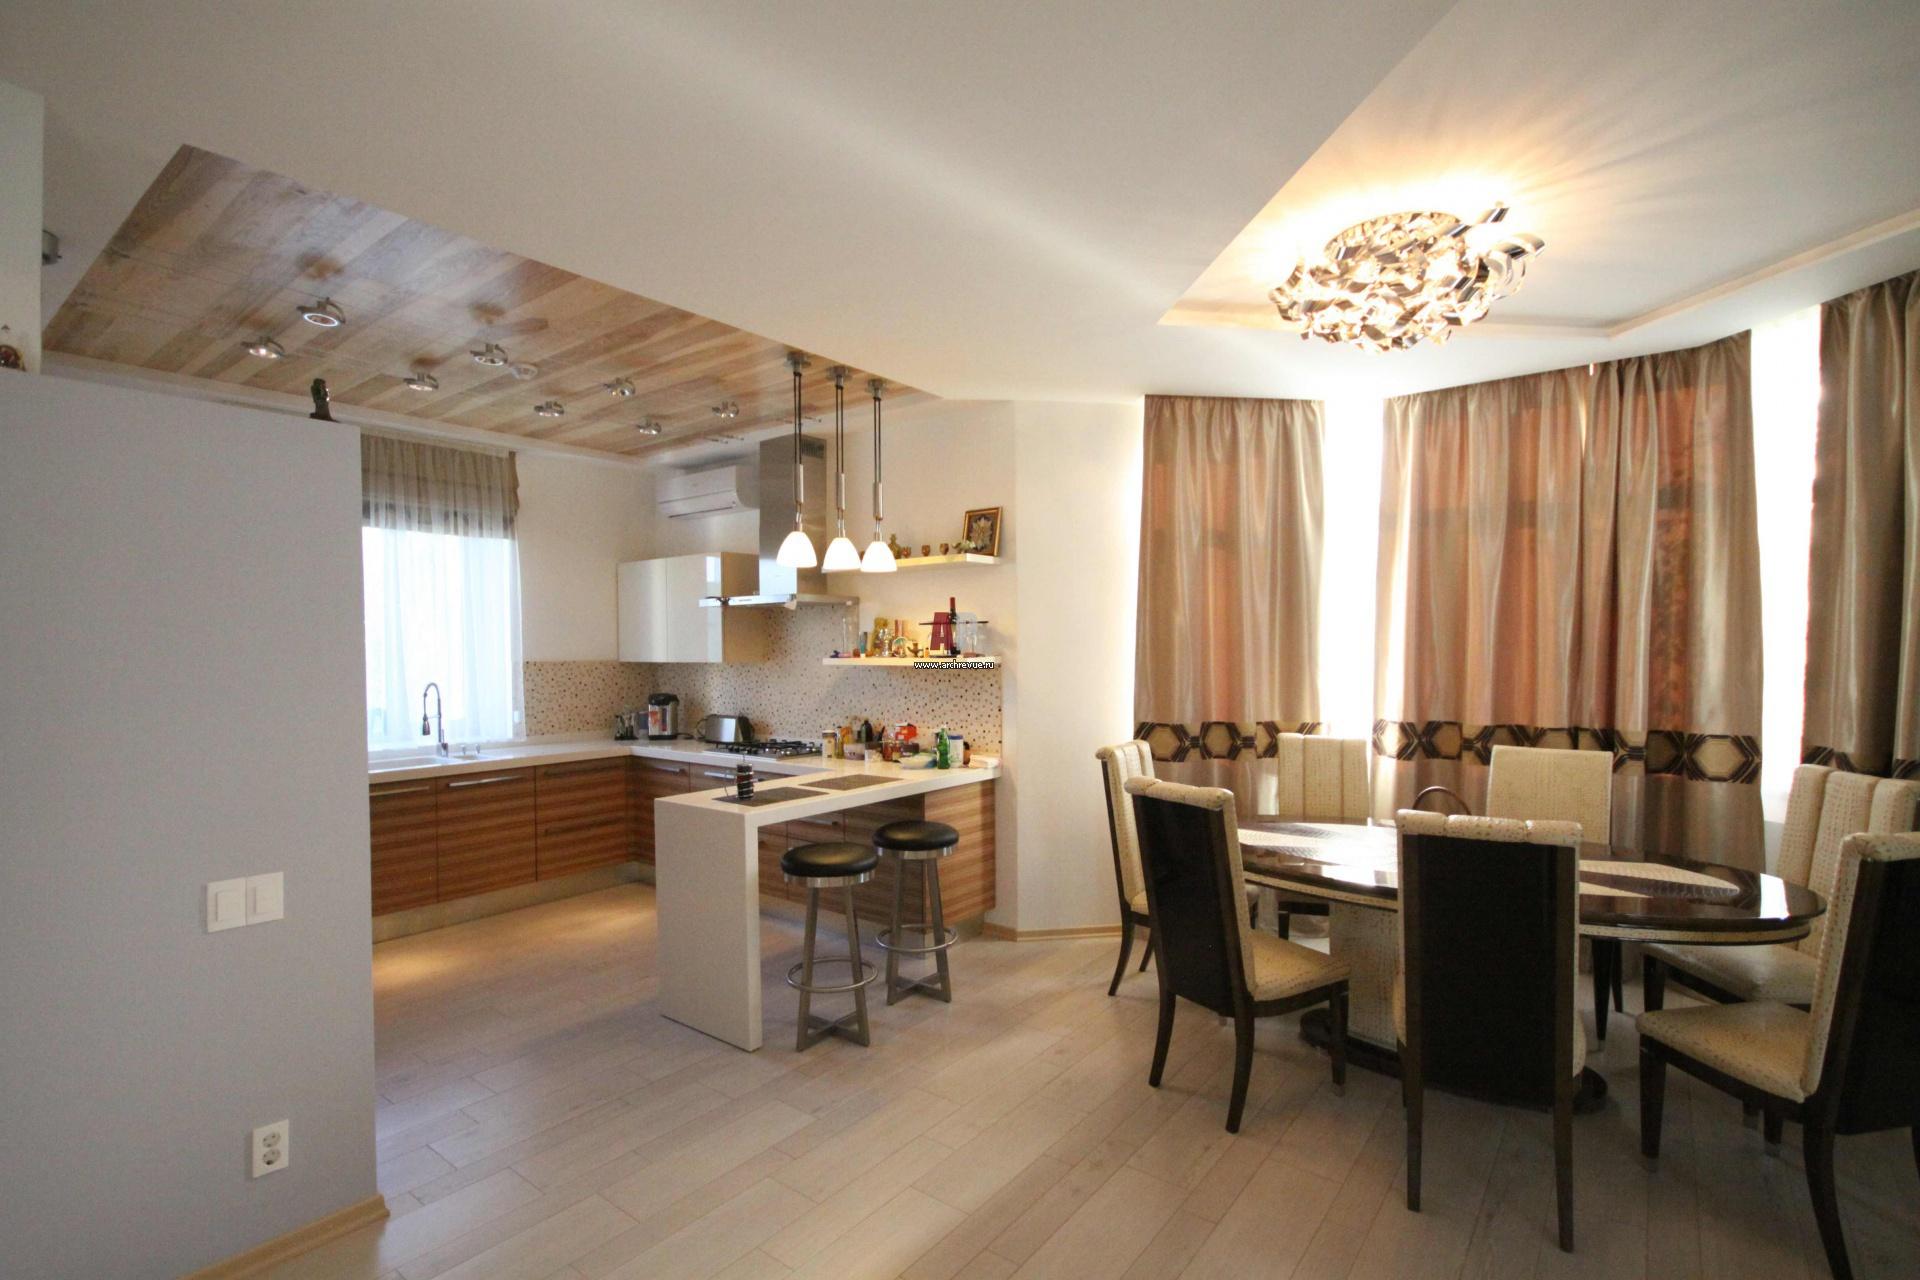 Кухня-студия в частном доме фото дизайн интерьера